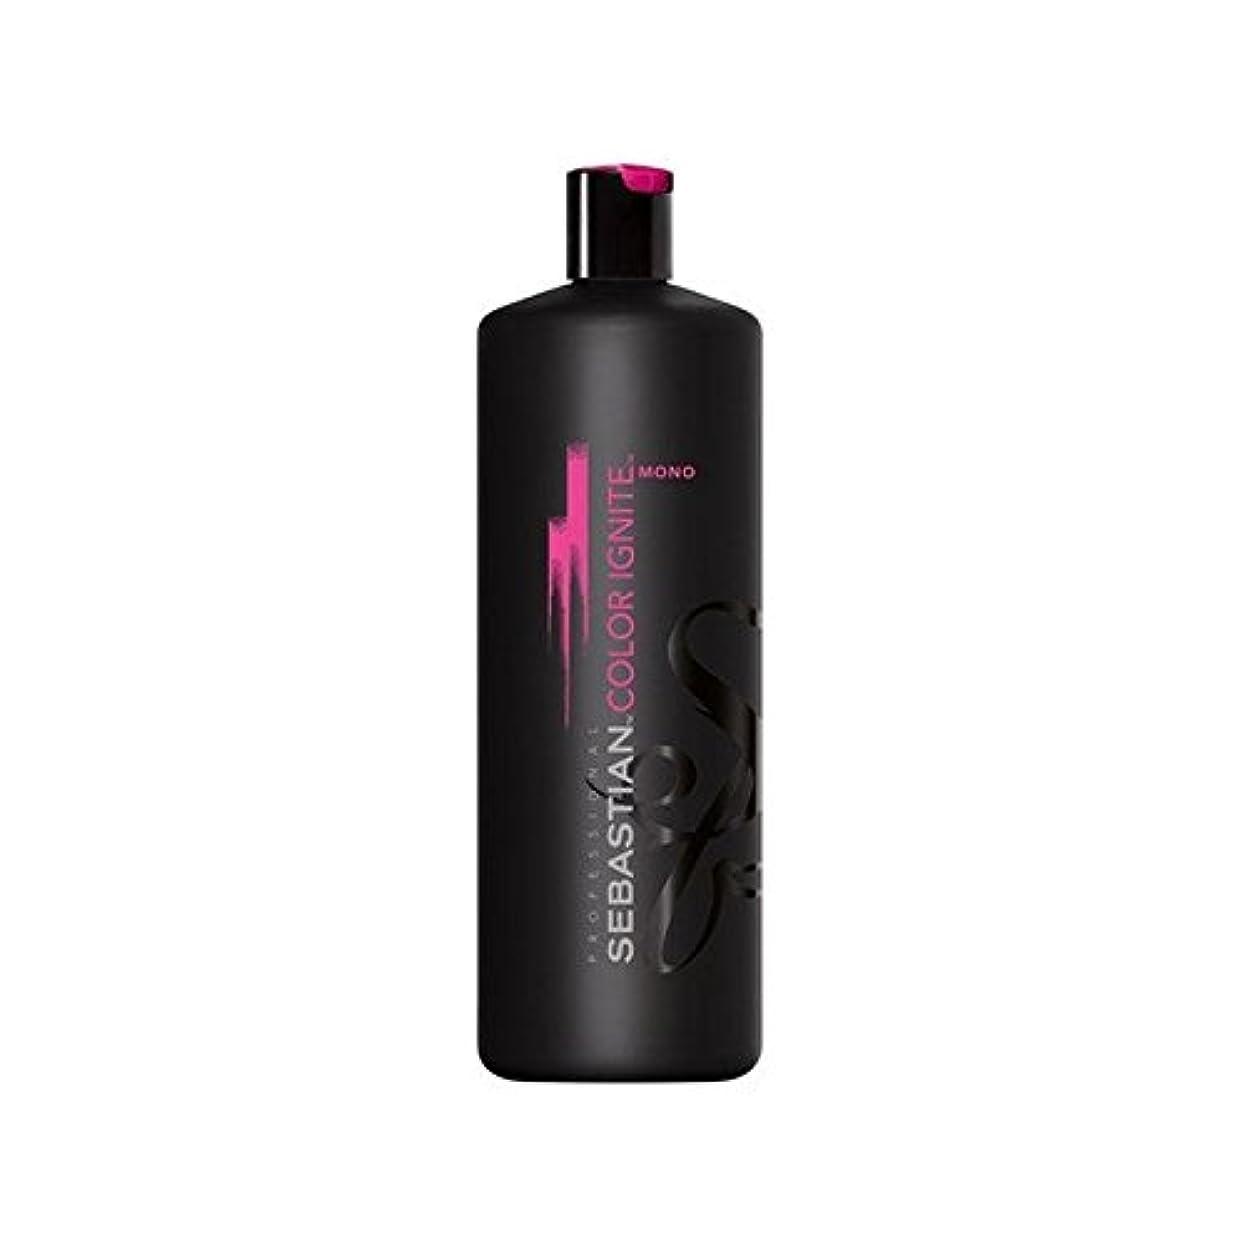 経由で水平宿命Sebastian Professional Color Ignite Mono Shampoo (1000ml) - セバスチャンプロのカラーにモノシャンプー(千ミリリットル) [並行輸入品]